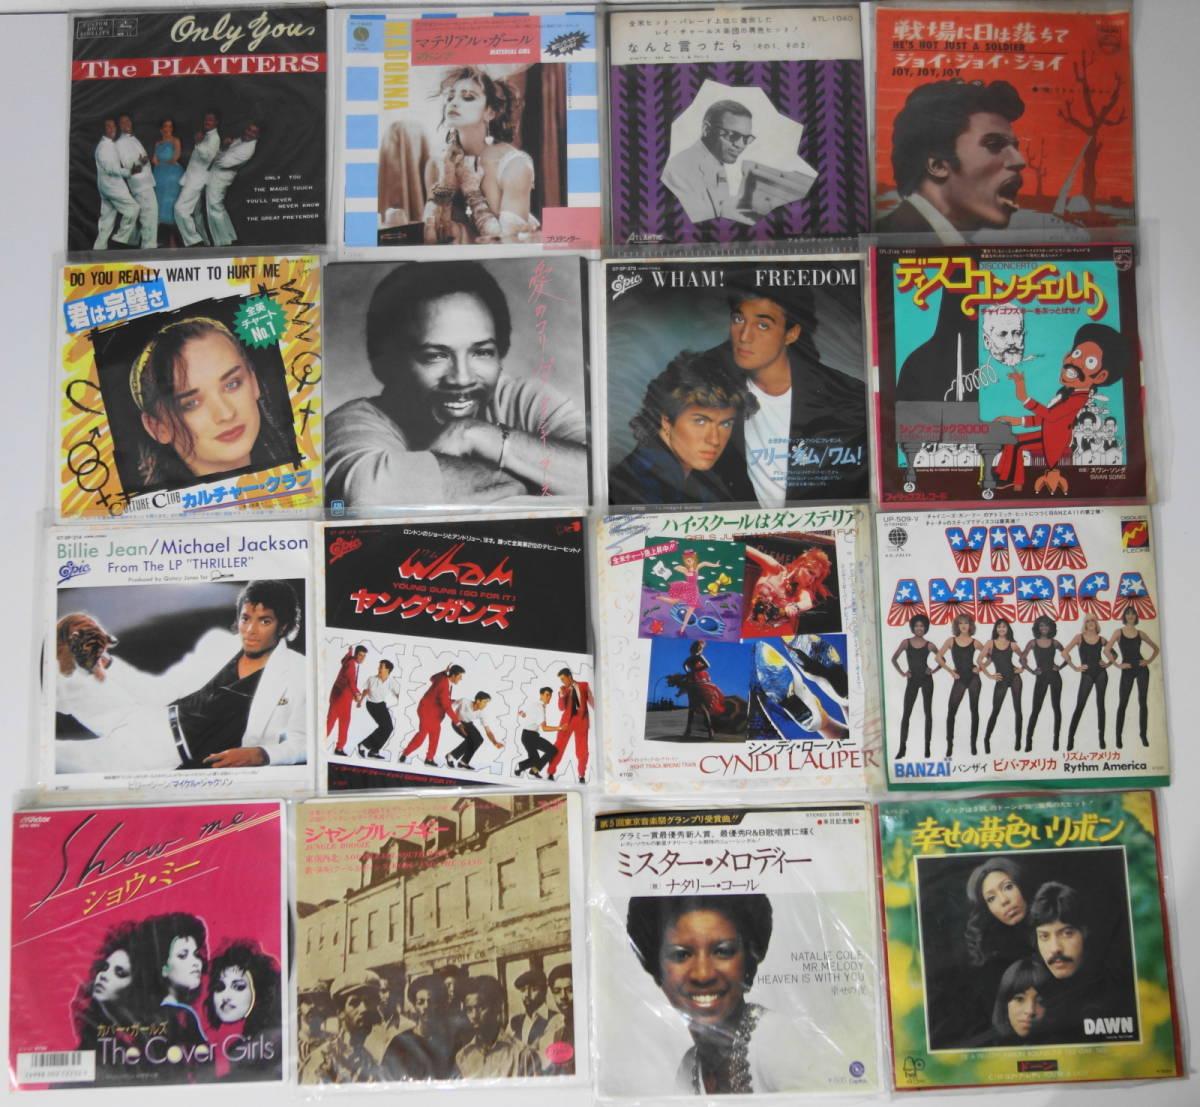 ディスコ ソウル レコード 80枚 LP32枚 EP48枚 レコード 大量セット アバ スティービーワンダー ワム マイケルジャクソン プラターズ_画像4